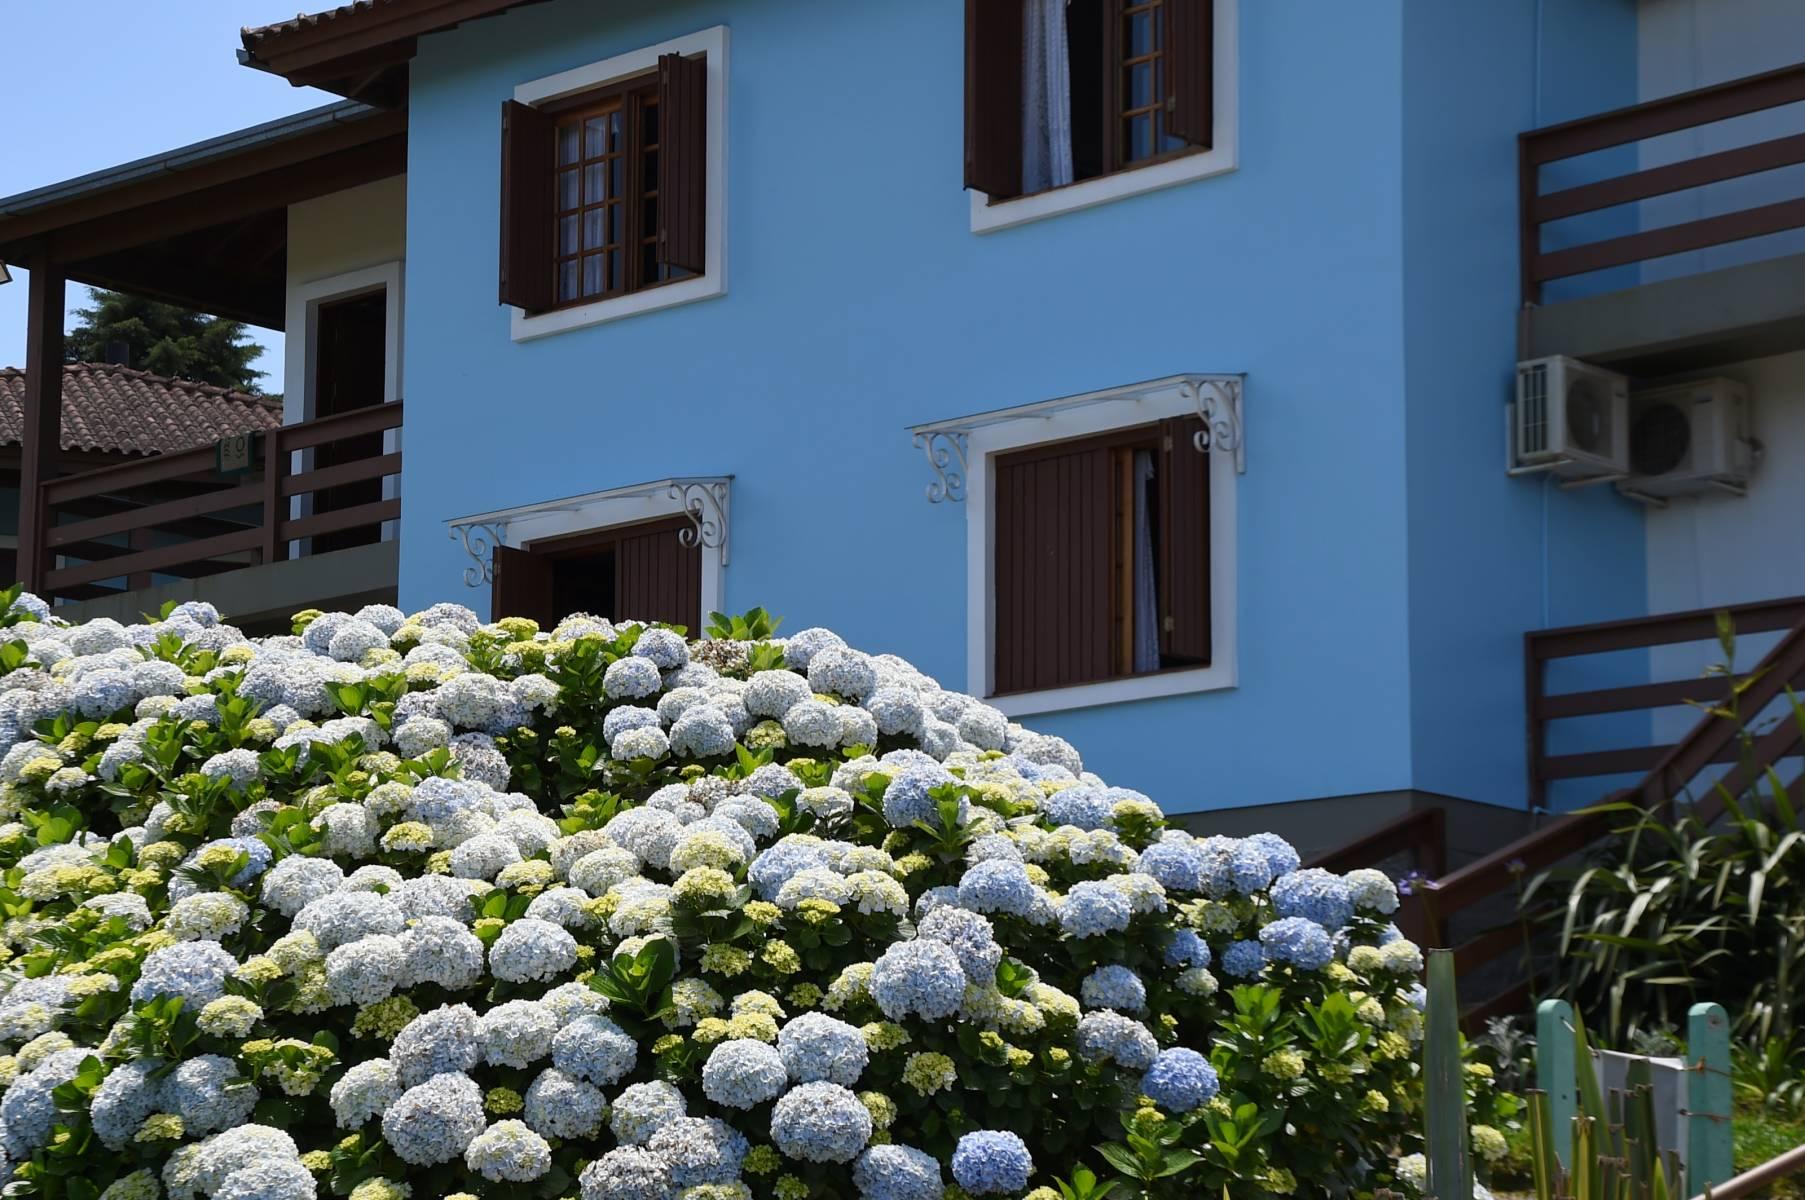 Bangalô Hortênsia - Acomodações do Hotel Bangalôs da Serra em Gramado #CurtaSuaFamilia #HotelSustentavel #TurismoVerde #TravelersChoice #EcoLider #Gramado #SerraGaucha